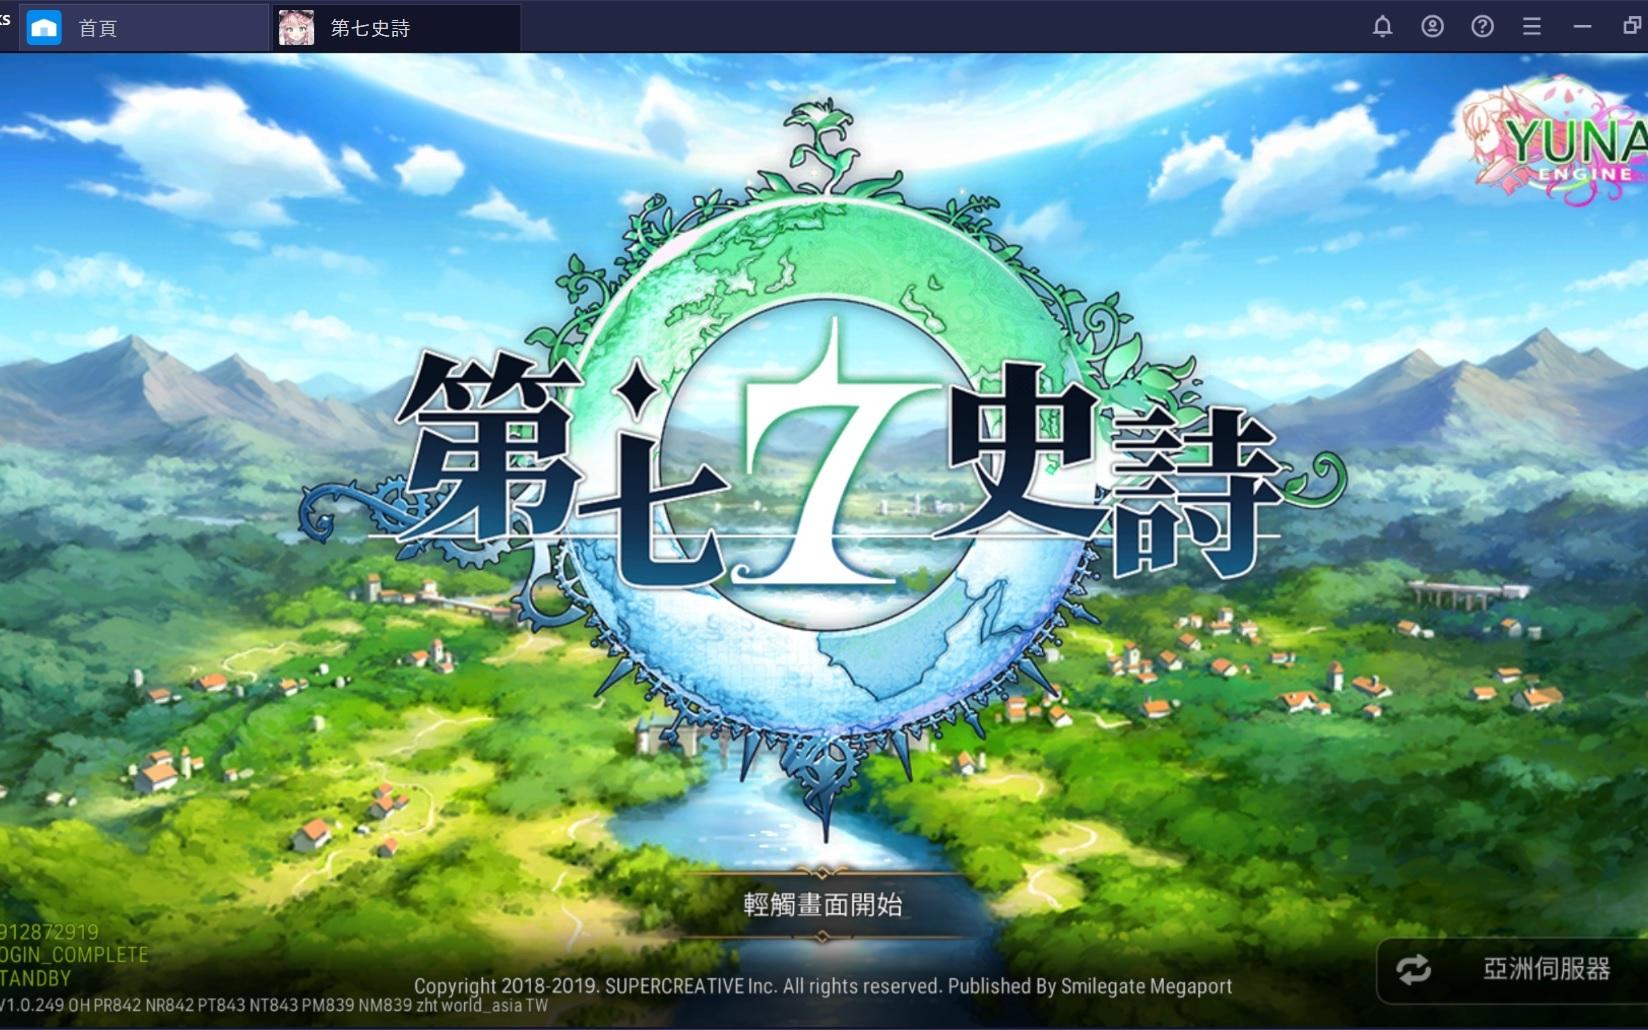 使用BlueStacks在PC上遊玩回合制 RPG 手機遊戲《第七史詩》